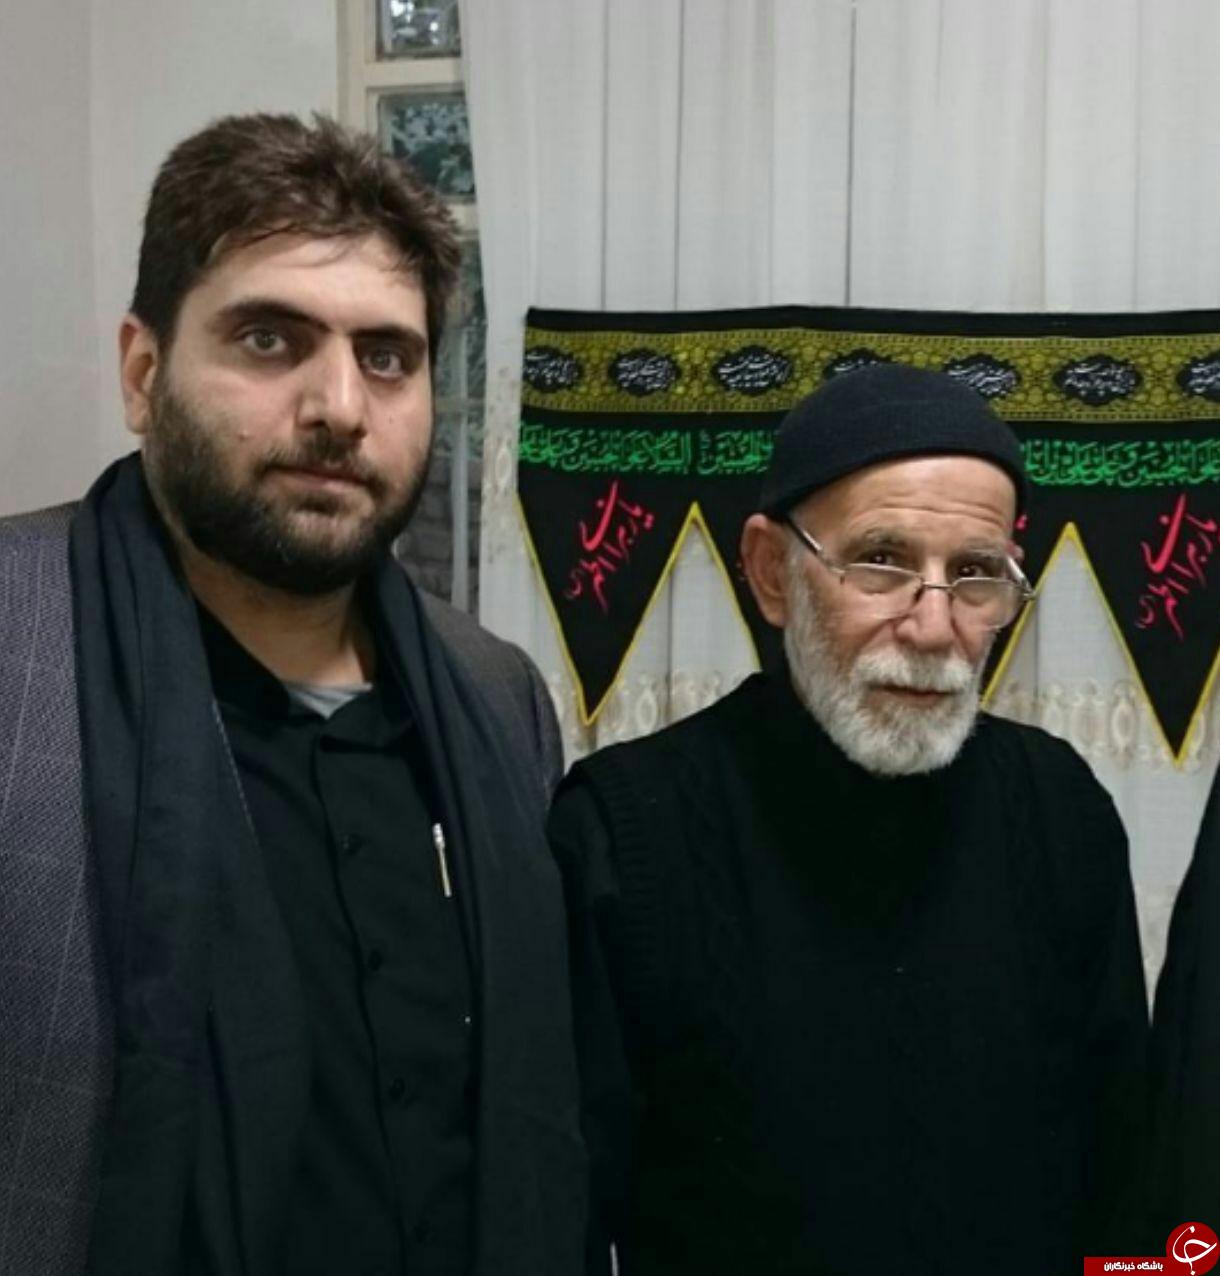 مداح جوانی که با توسل به سالار شهیدان دار فانی را وداع گفت+عکس